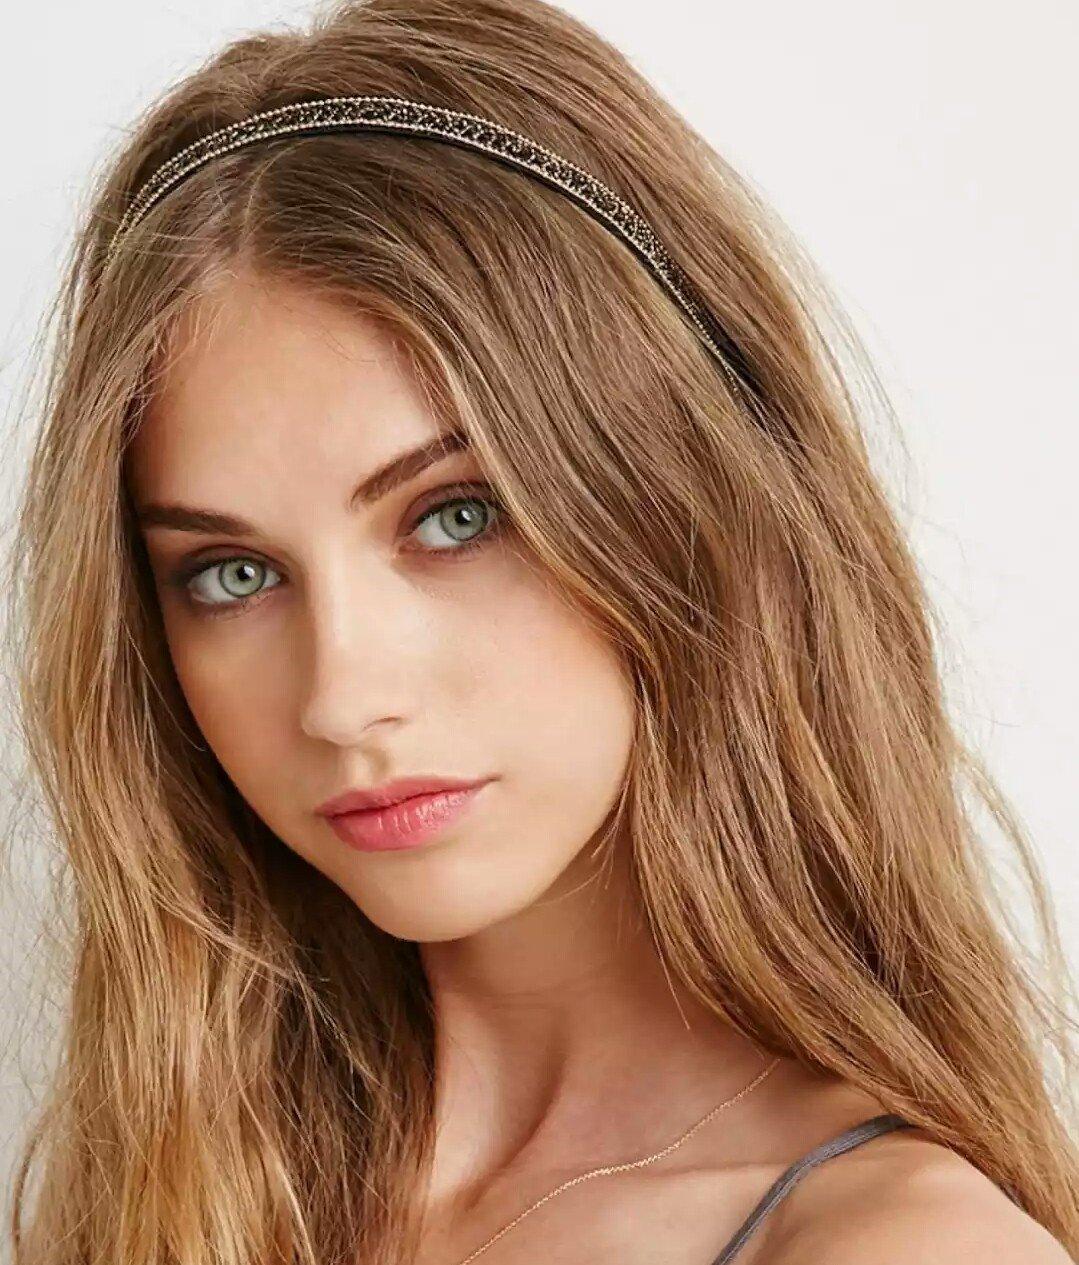 фотках высоцким русые волосы модели фото без труда